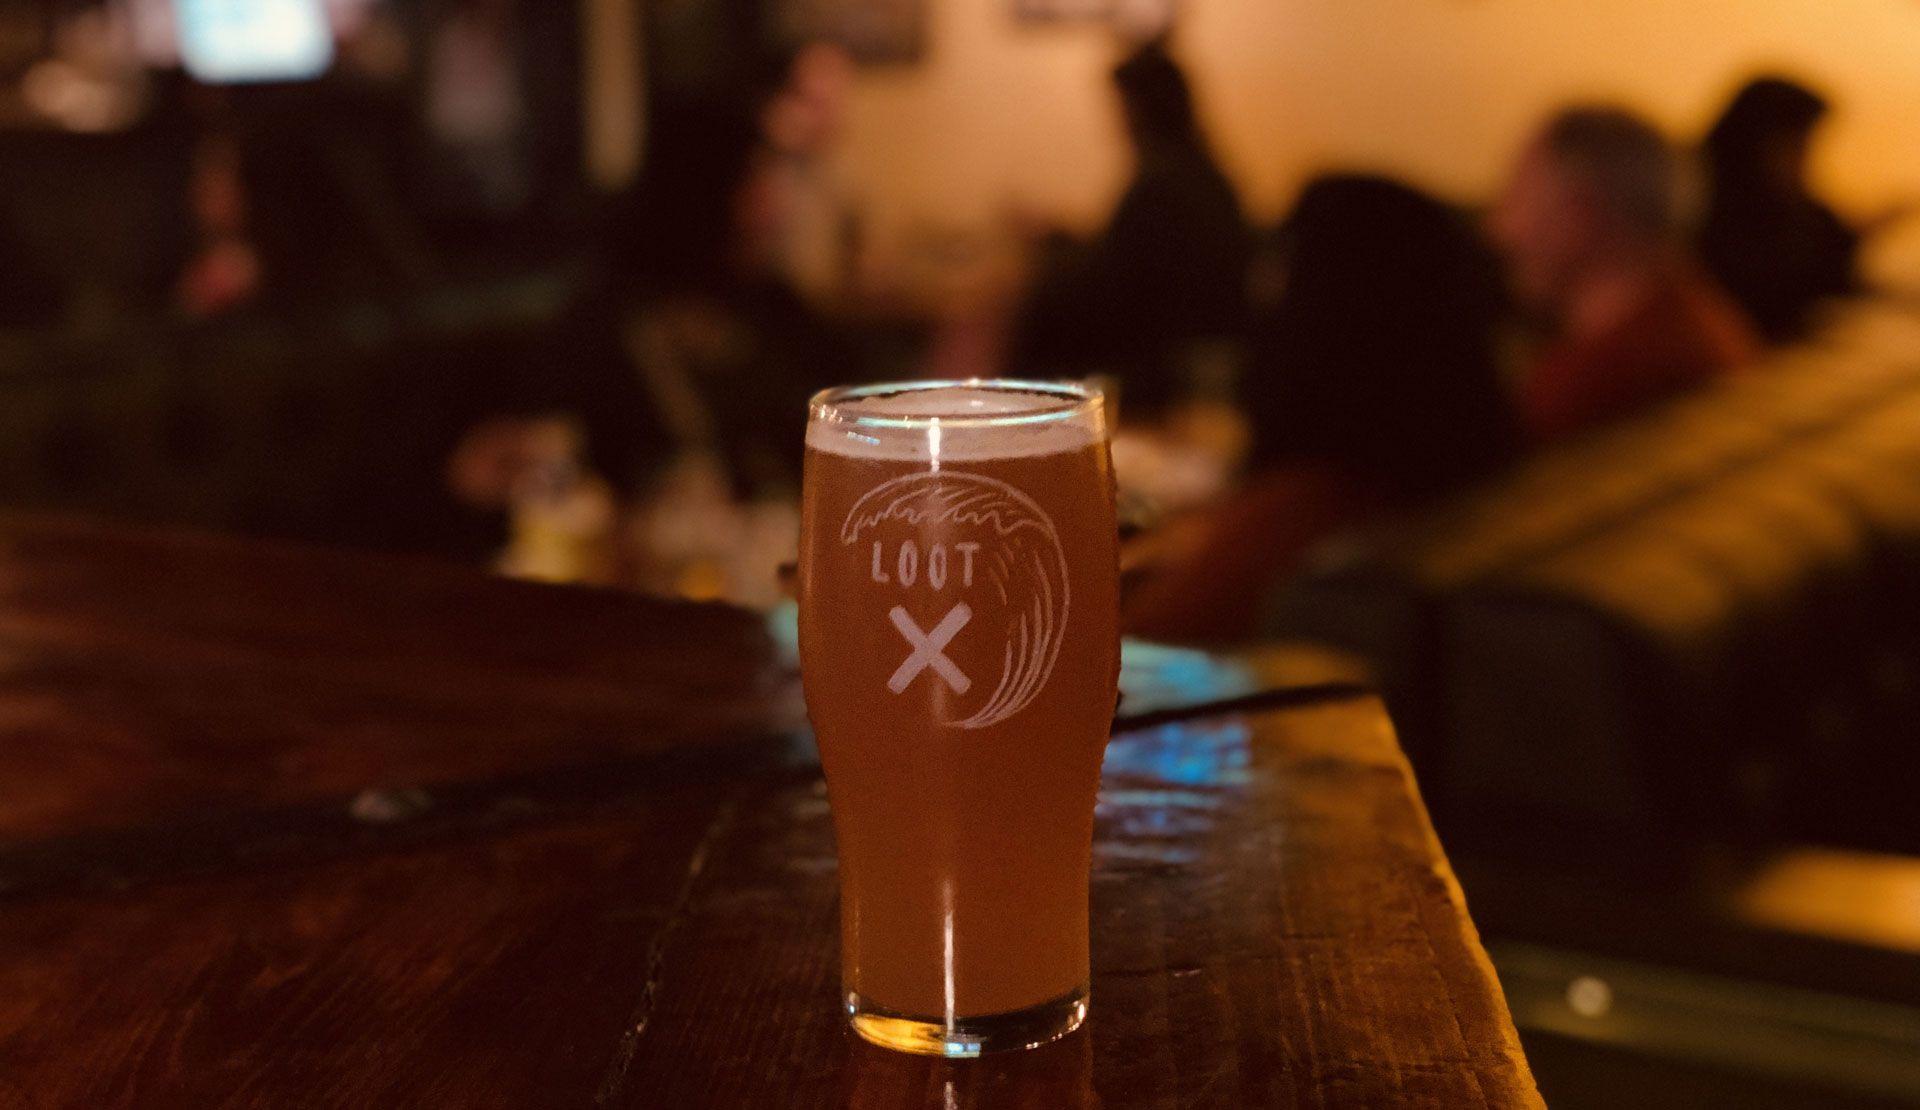 La Honey es uno de los estilo que más salen en la cervecería